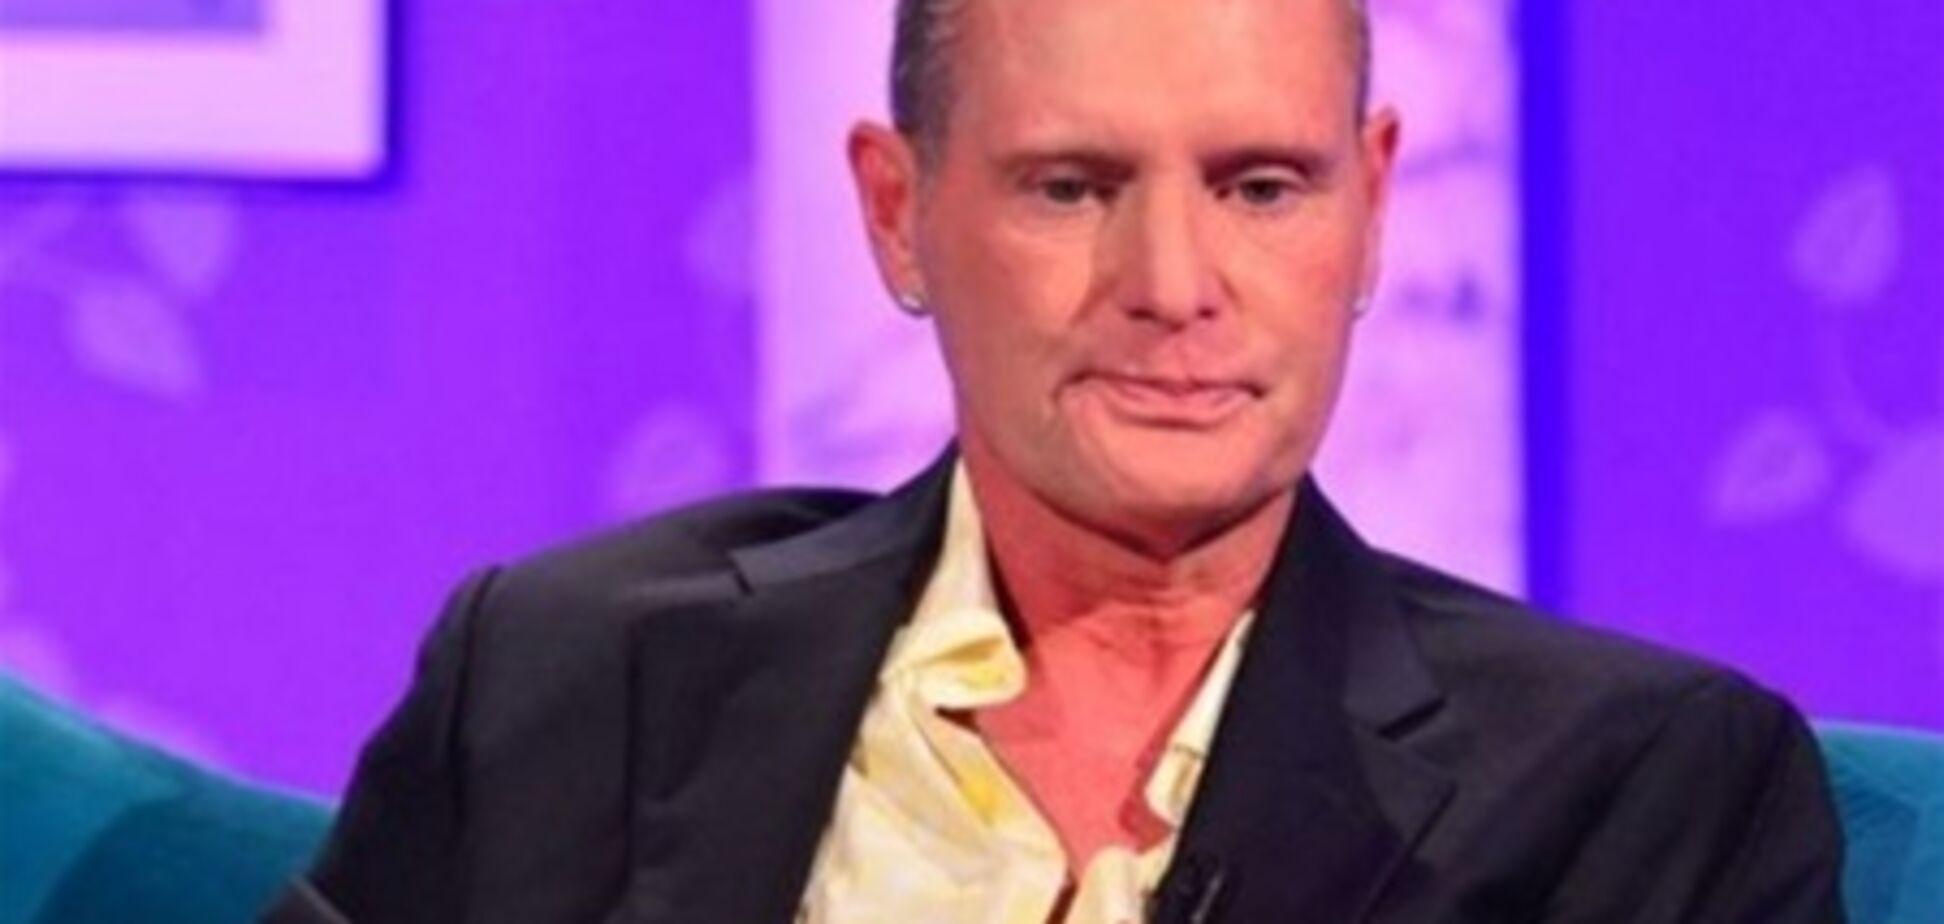 Знаменитый британский экс-футболист напал на бывшую жену